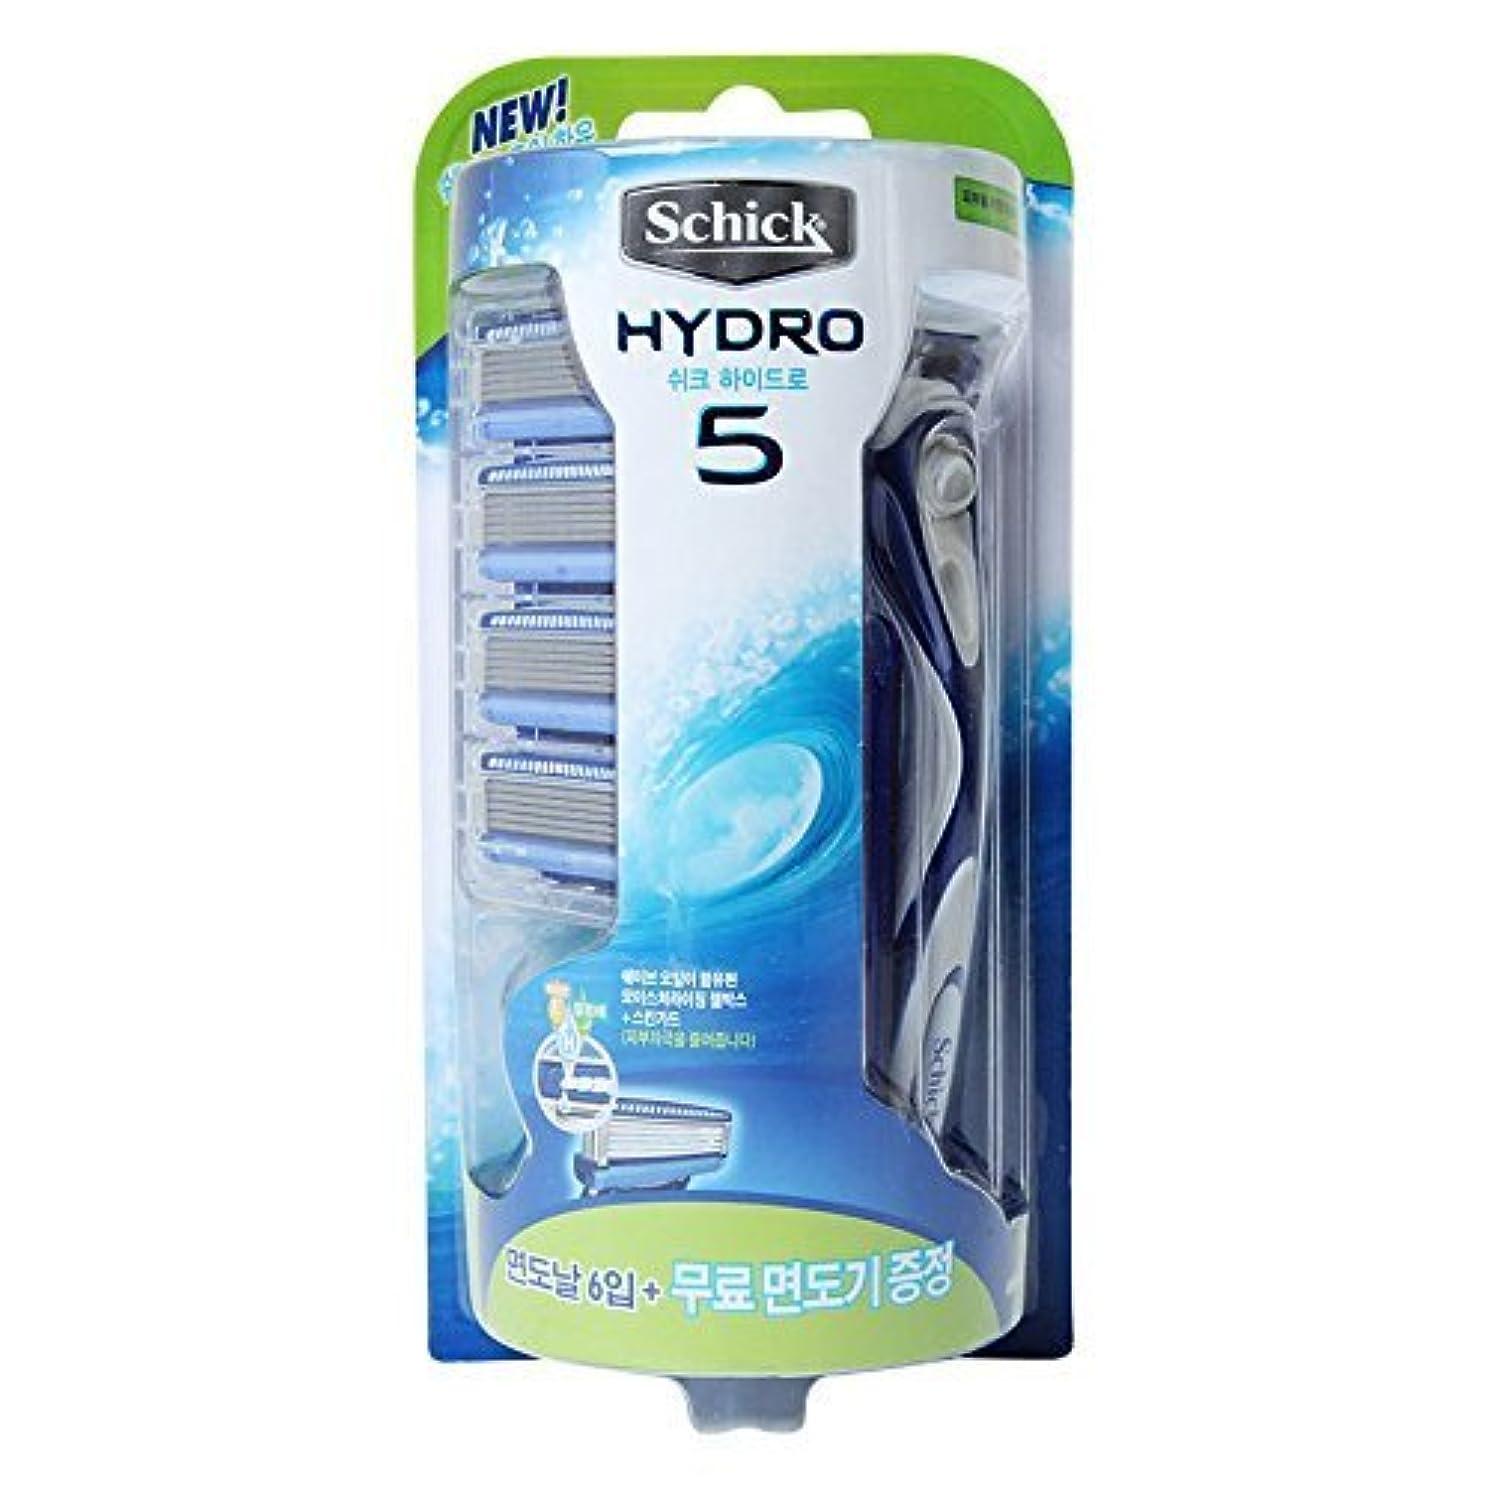 計算微視的独裁Schick HYDRO 5 Razor / razor blade 6pcs レザーブレードを含む [並行輸入品]